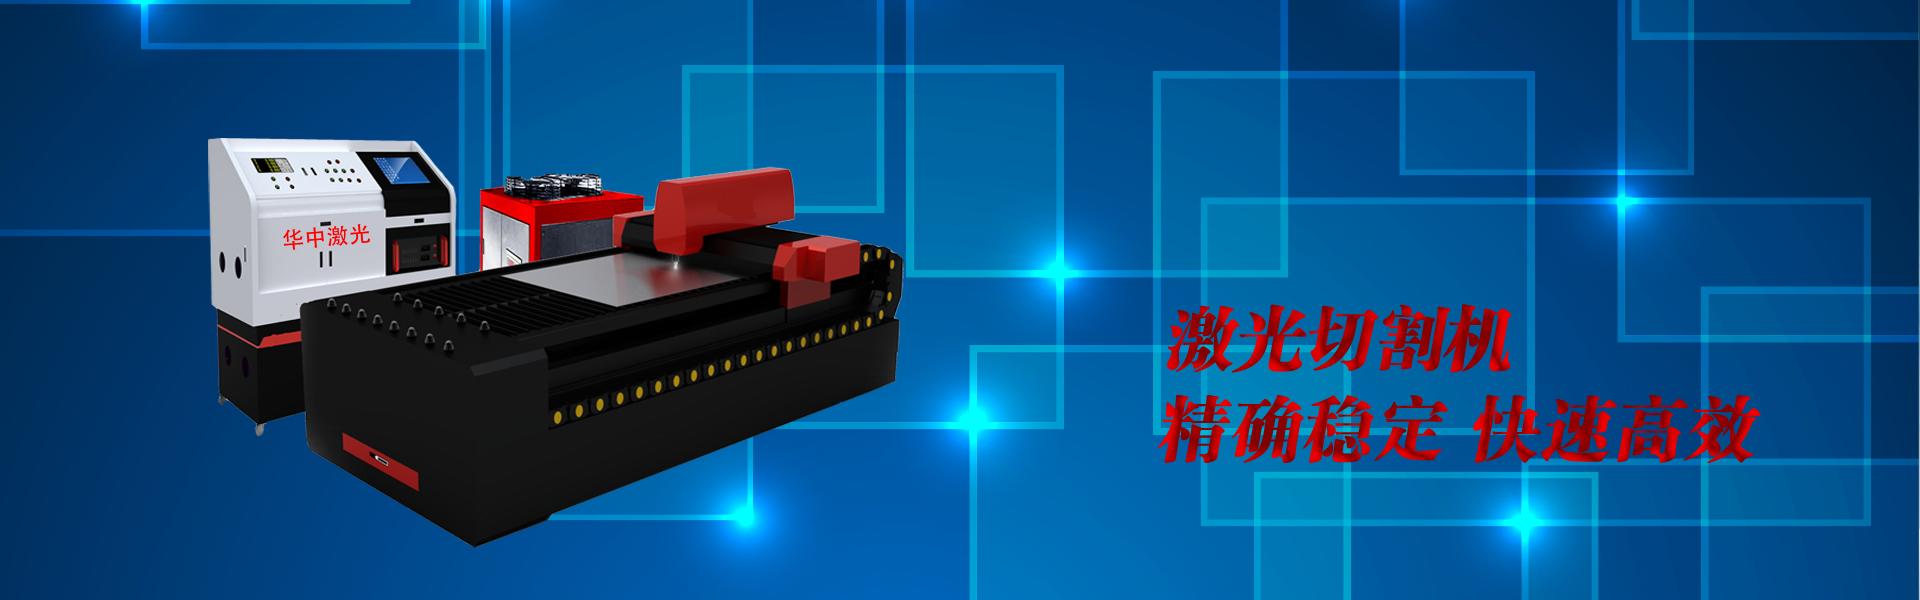 武汉华中激光产业有限公司激光切割机